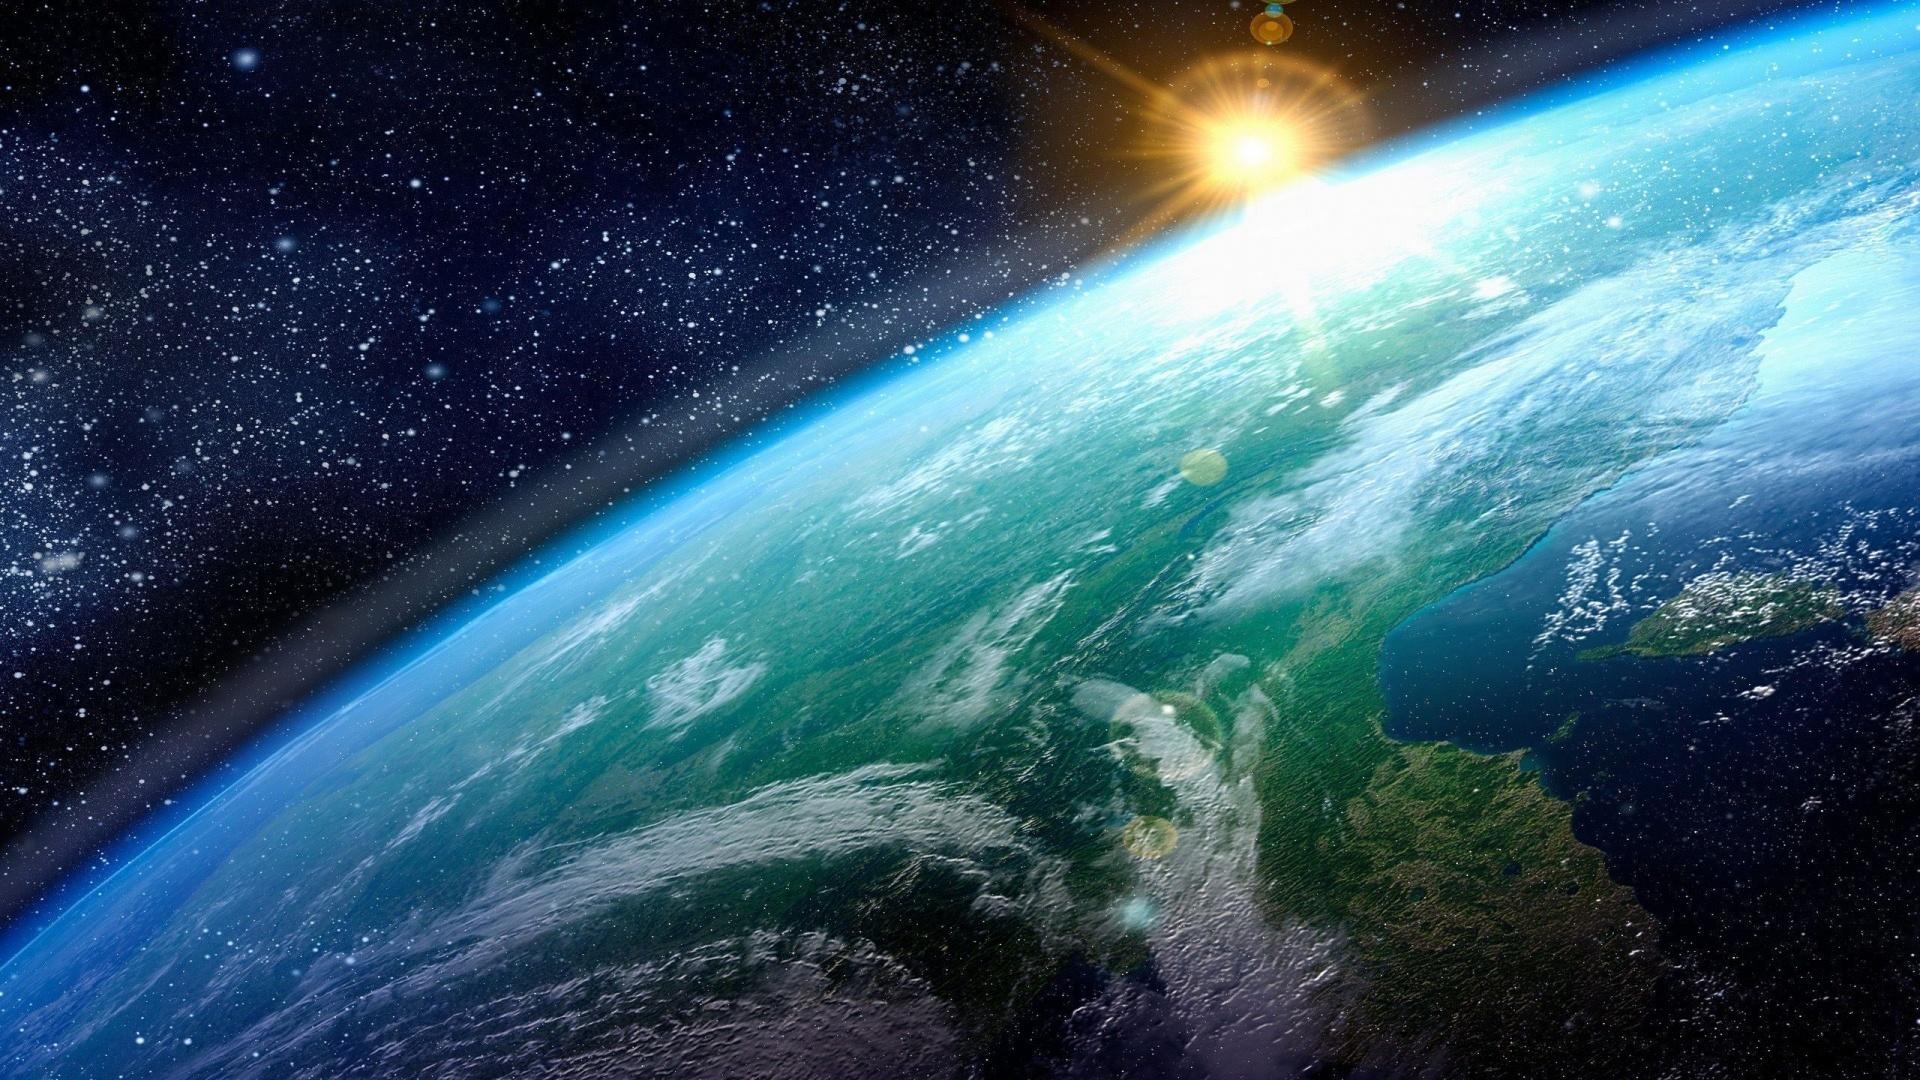 Earth Widescreen